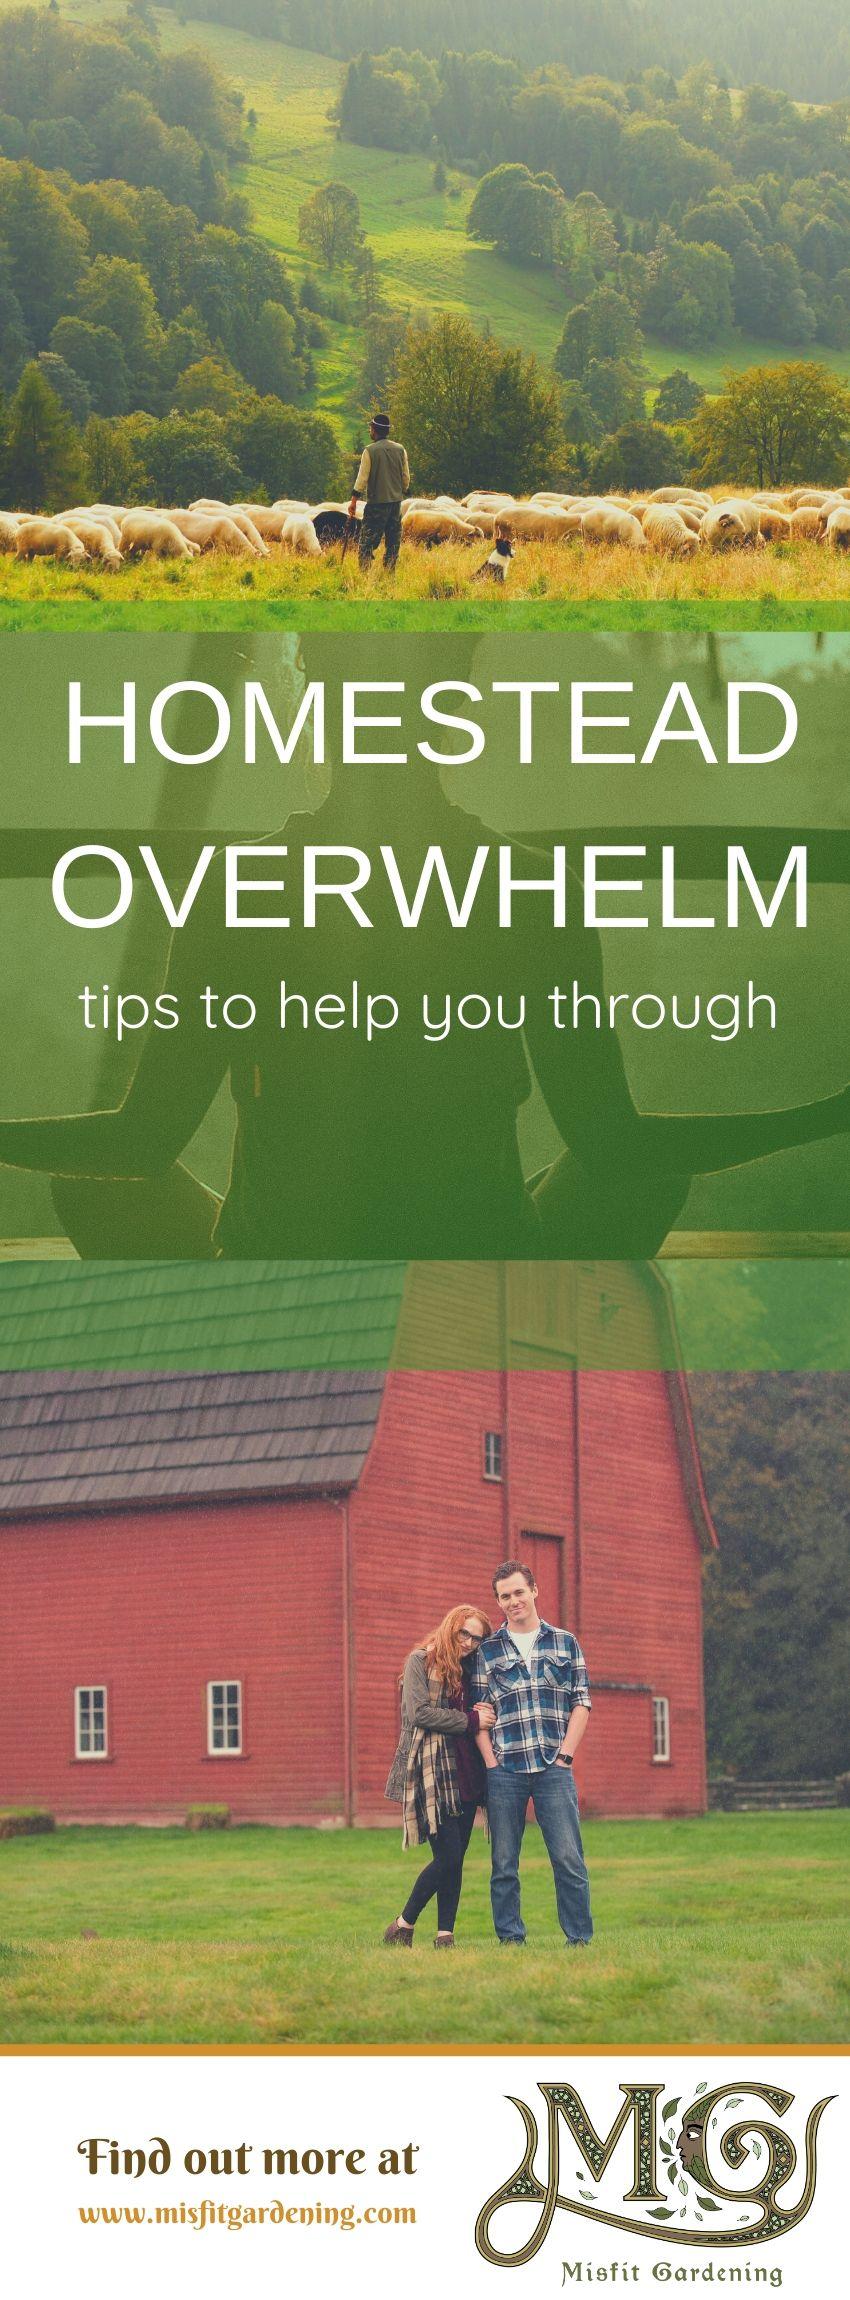 Klicken Sie hier, um mehr über den Umgang mit Homestead-Überwältigungen zu erfahren, oder stecken Sie sie fest und speichern Sie sie für später. #homesteading